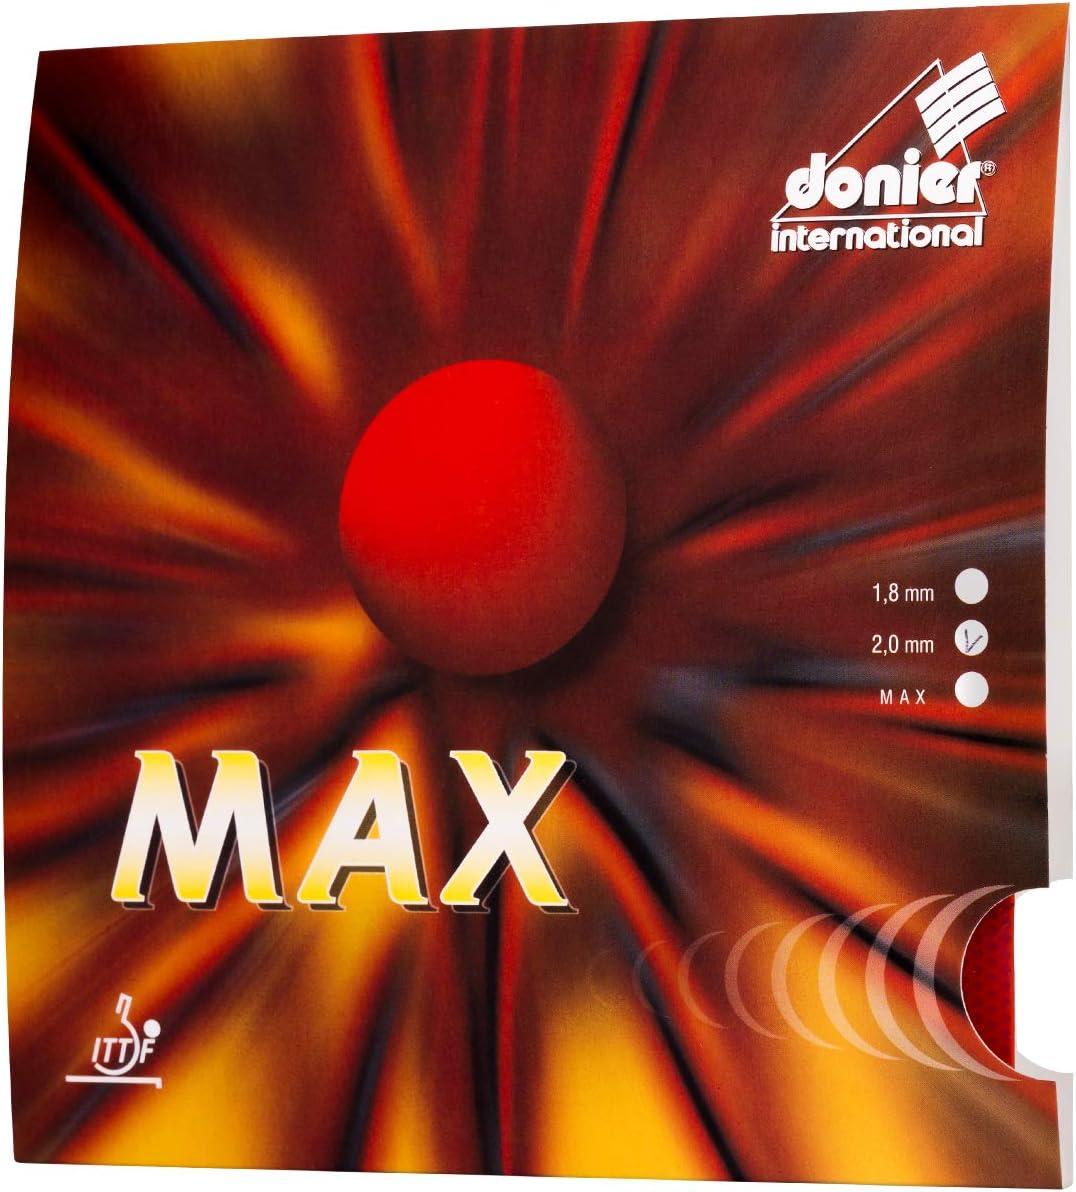 Donier Goma de Ping Pong | MAX | Goma de Tenis de Mesa Fabricada en Europa para Palas y Maderas de Tenis de Mesa | Alta Velocidad, Excelente Control | Personaliza tu Pala Raqueta